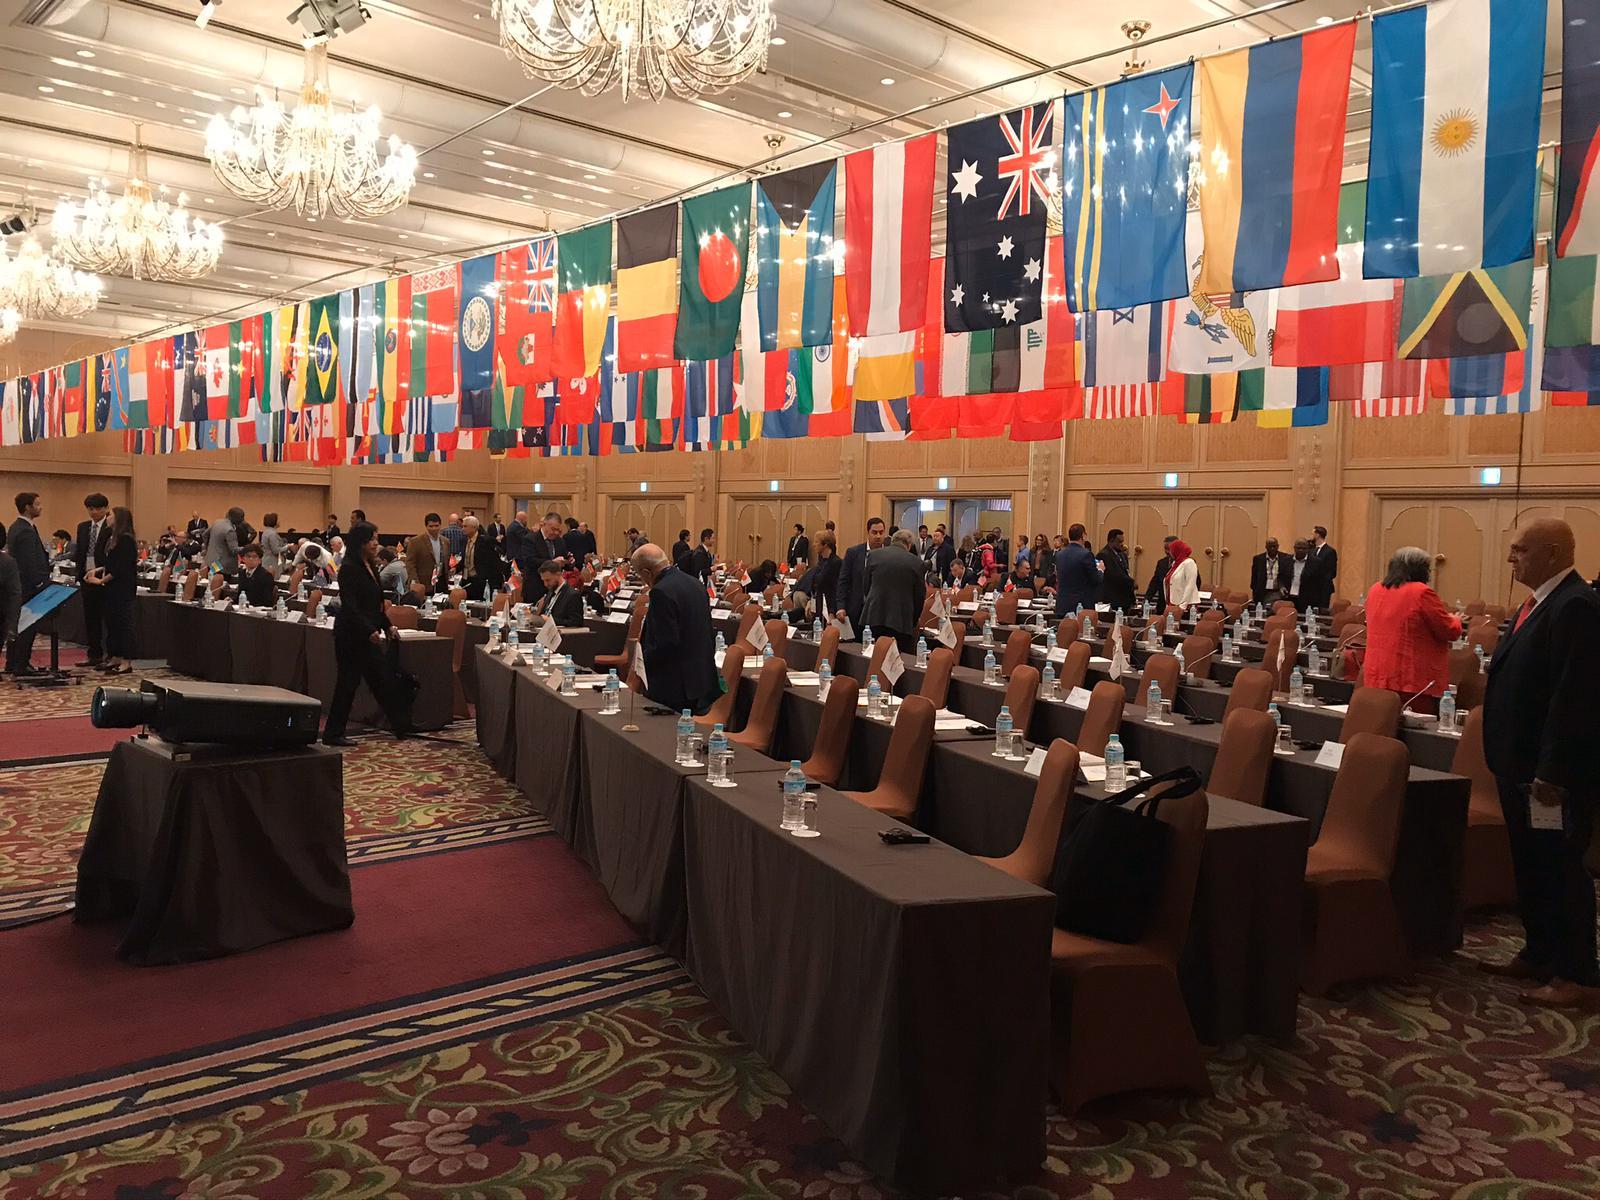 Vista salone congresso con bandiere